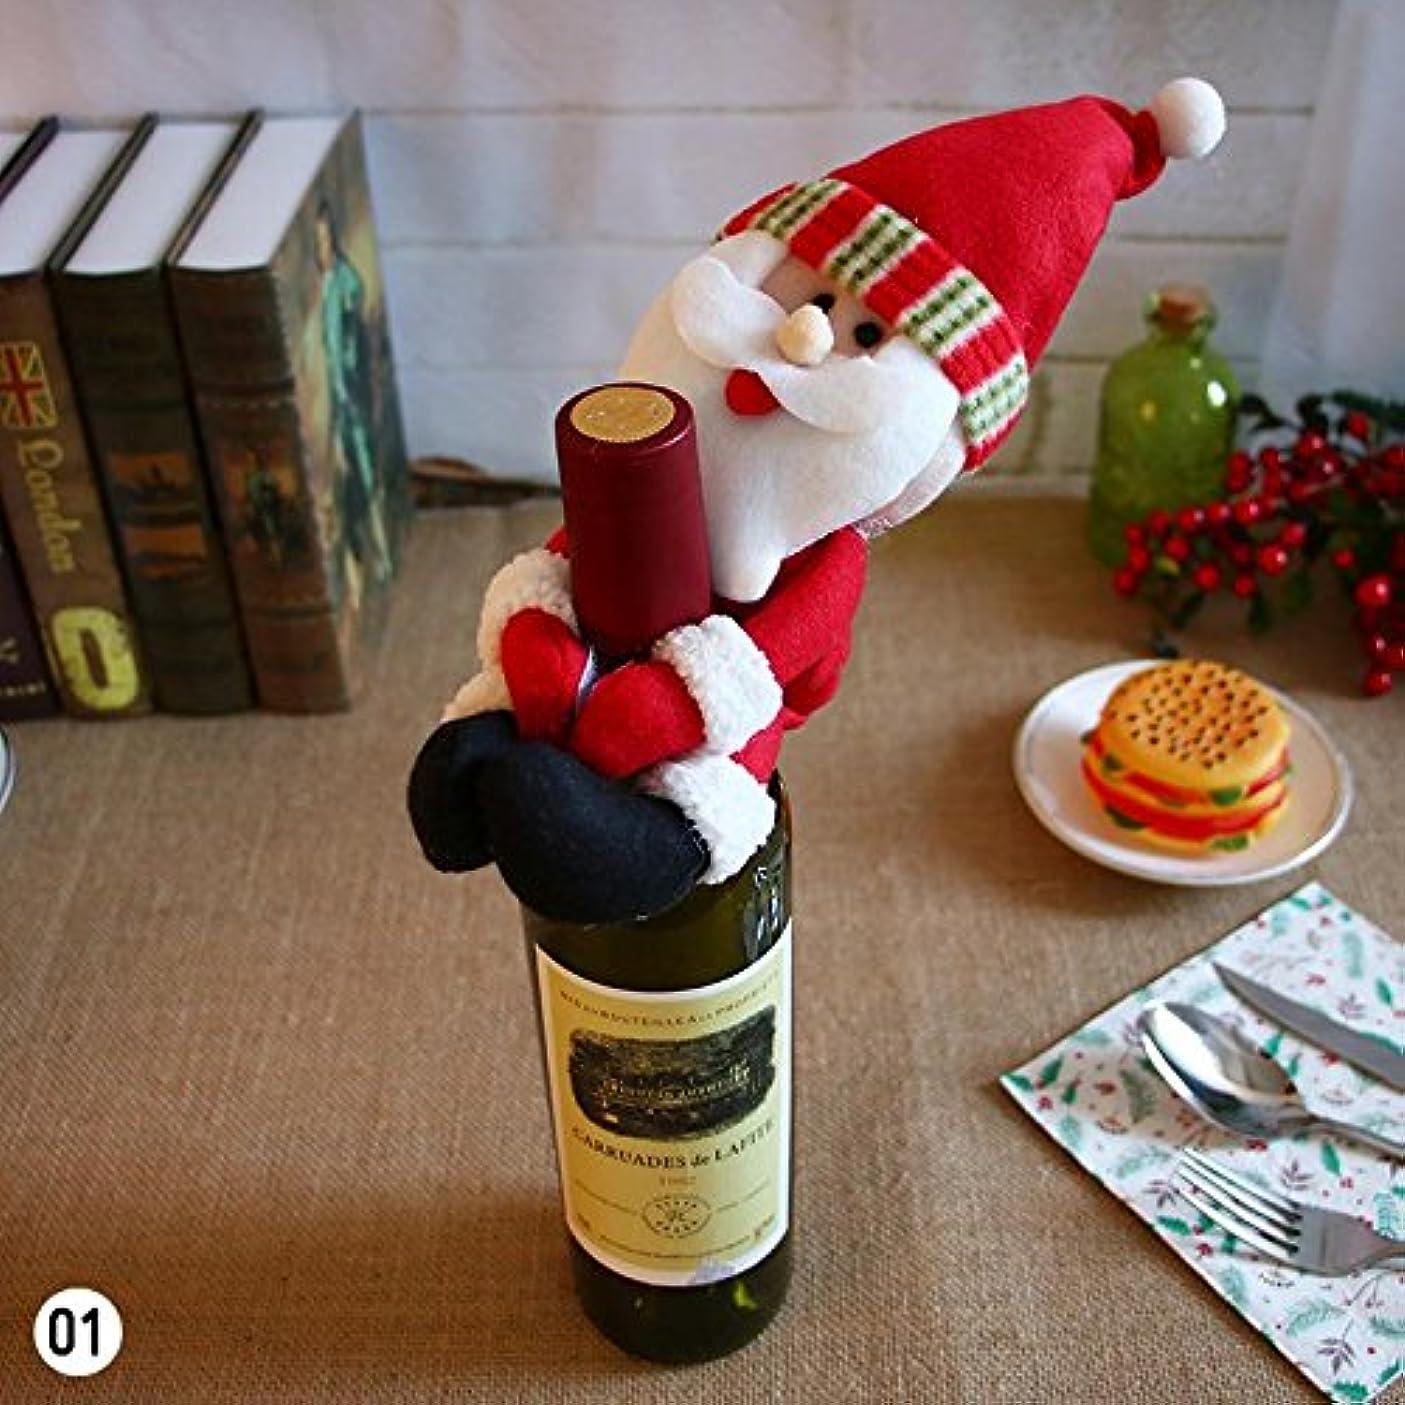 このマラドロイト検出器クリスマス ワイン飾り お酒ボトルカバー ラッピング袋 シャンパン ボトルカバー 可愛い包装 オーナメント パーティー クリスマス飾り ギフト